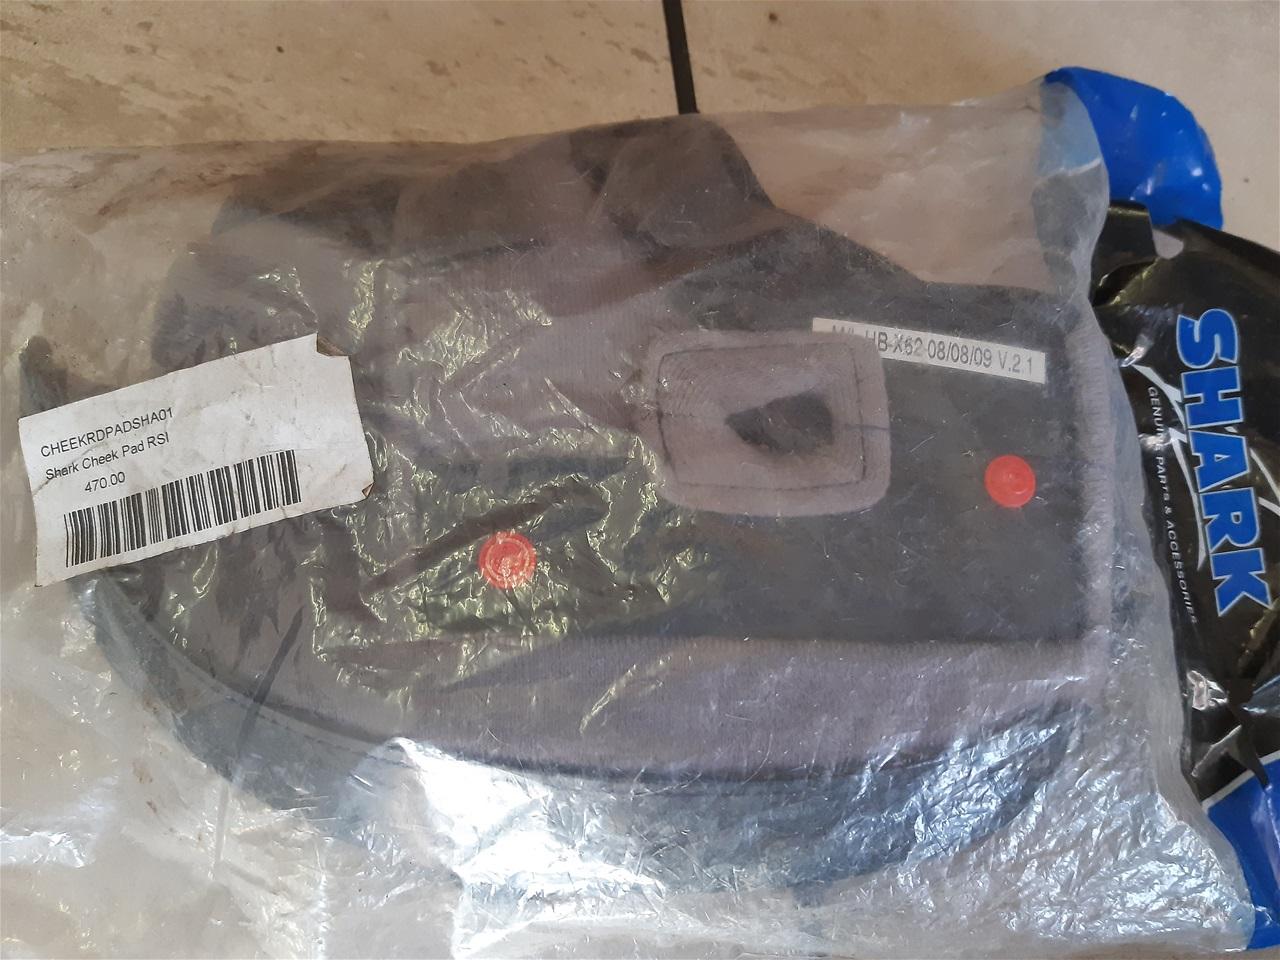 AA23.31 Helmet Shark S900 inner lining